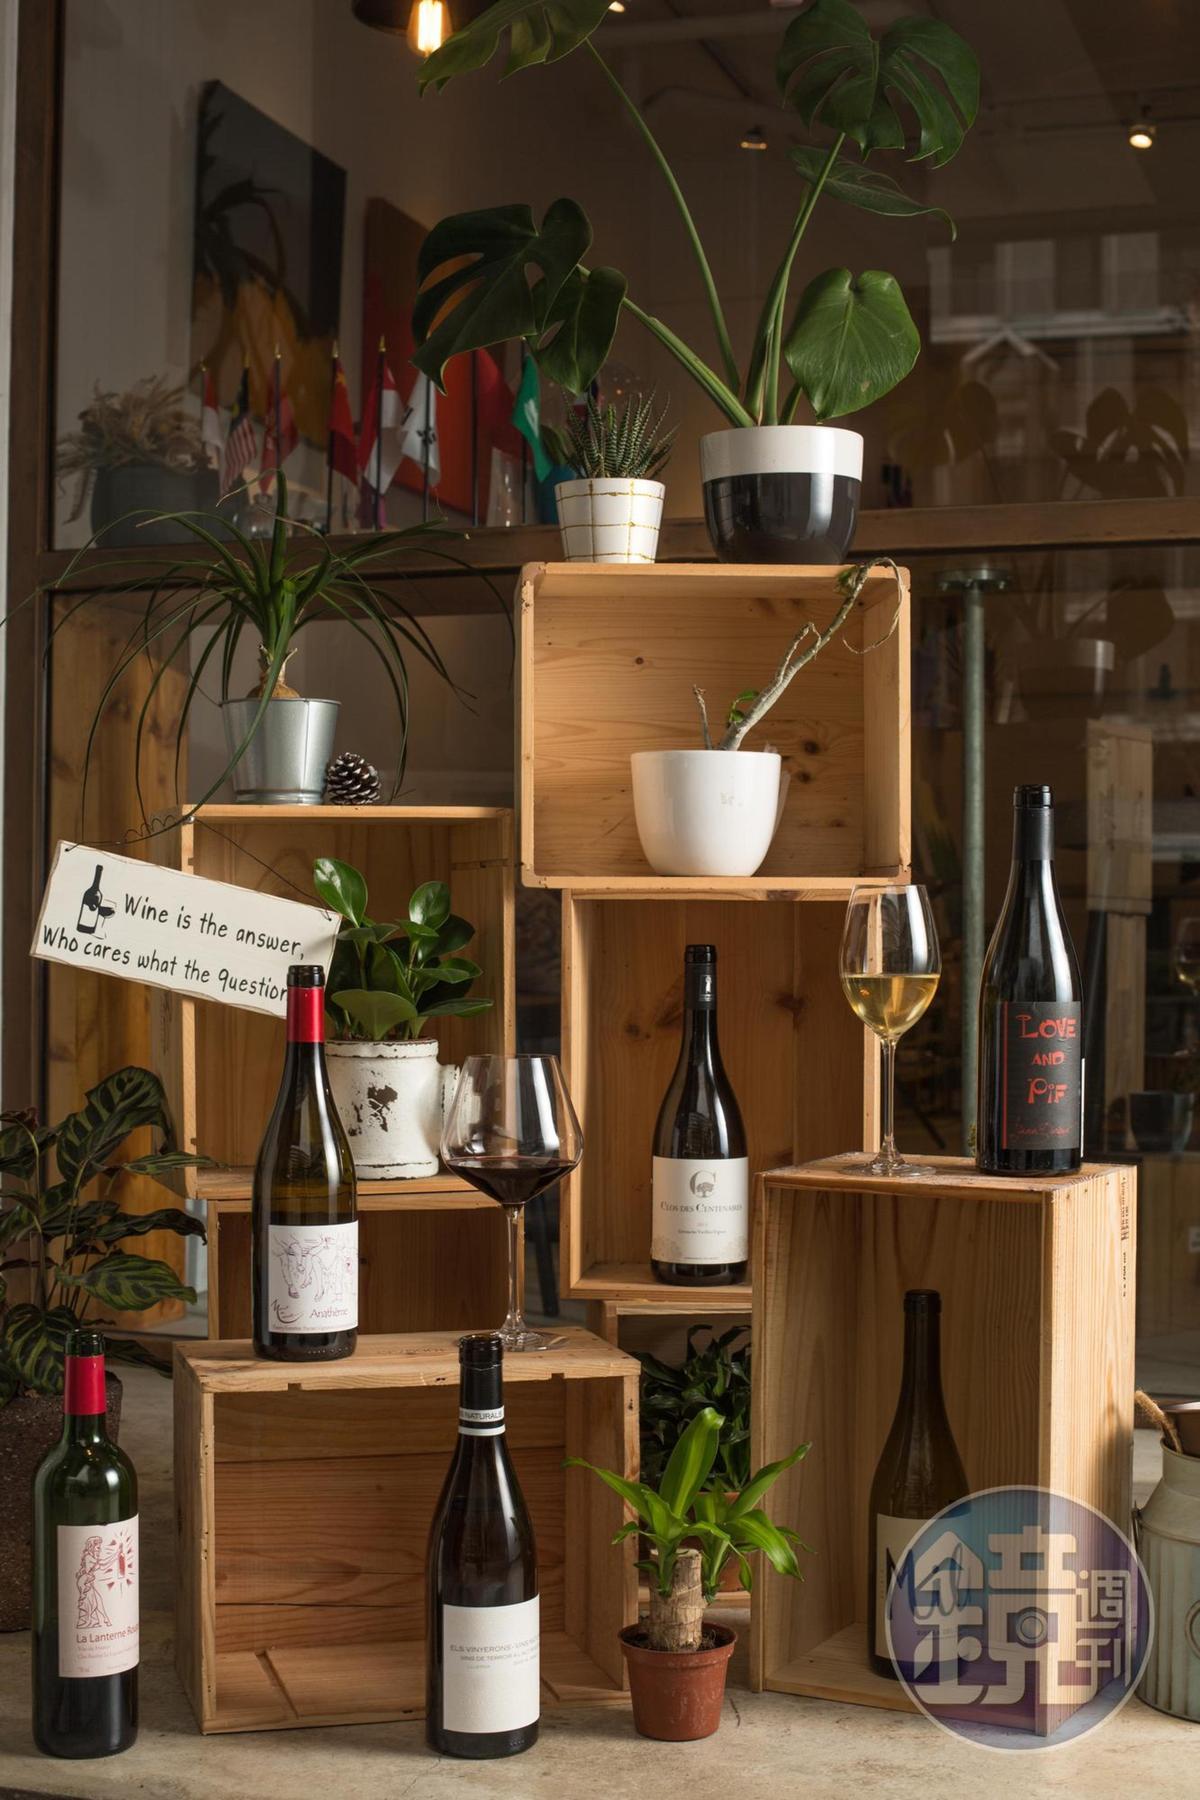 「50/45 Winehaus」創辦人暨店長陳笑軒認為,當人們越來越重視餐桌上的食物來源是否對環境友善,對健康有益時,挑選種植不施藥及釀造無添加的自然酒也是飲酒趨勢。